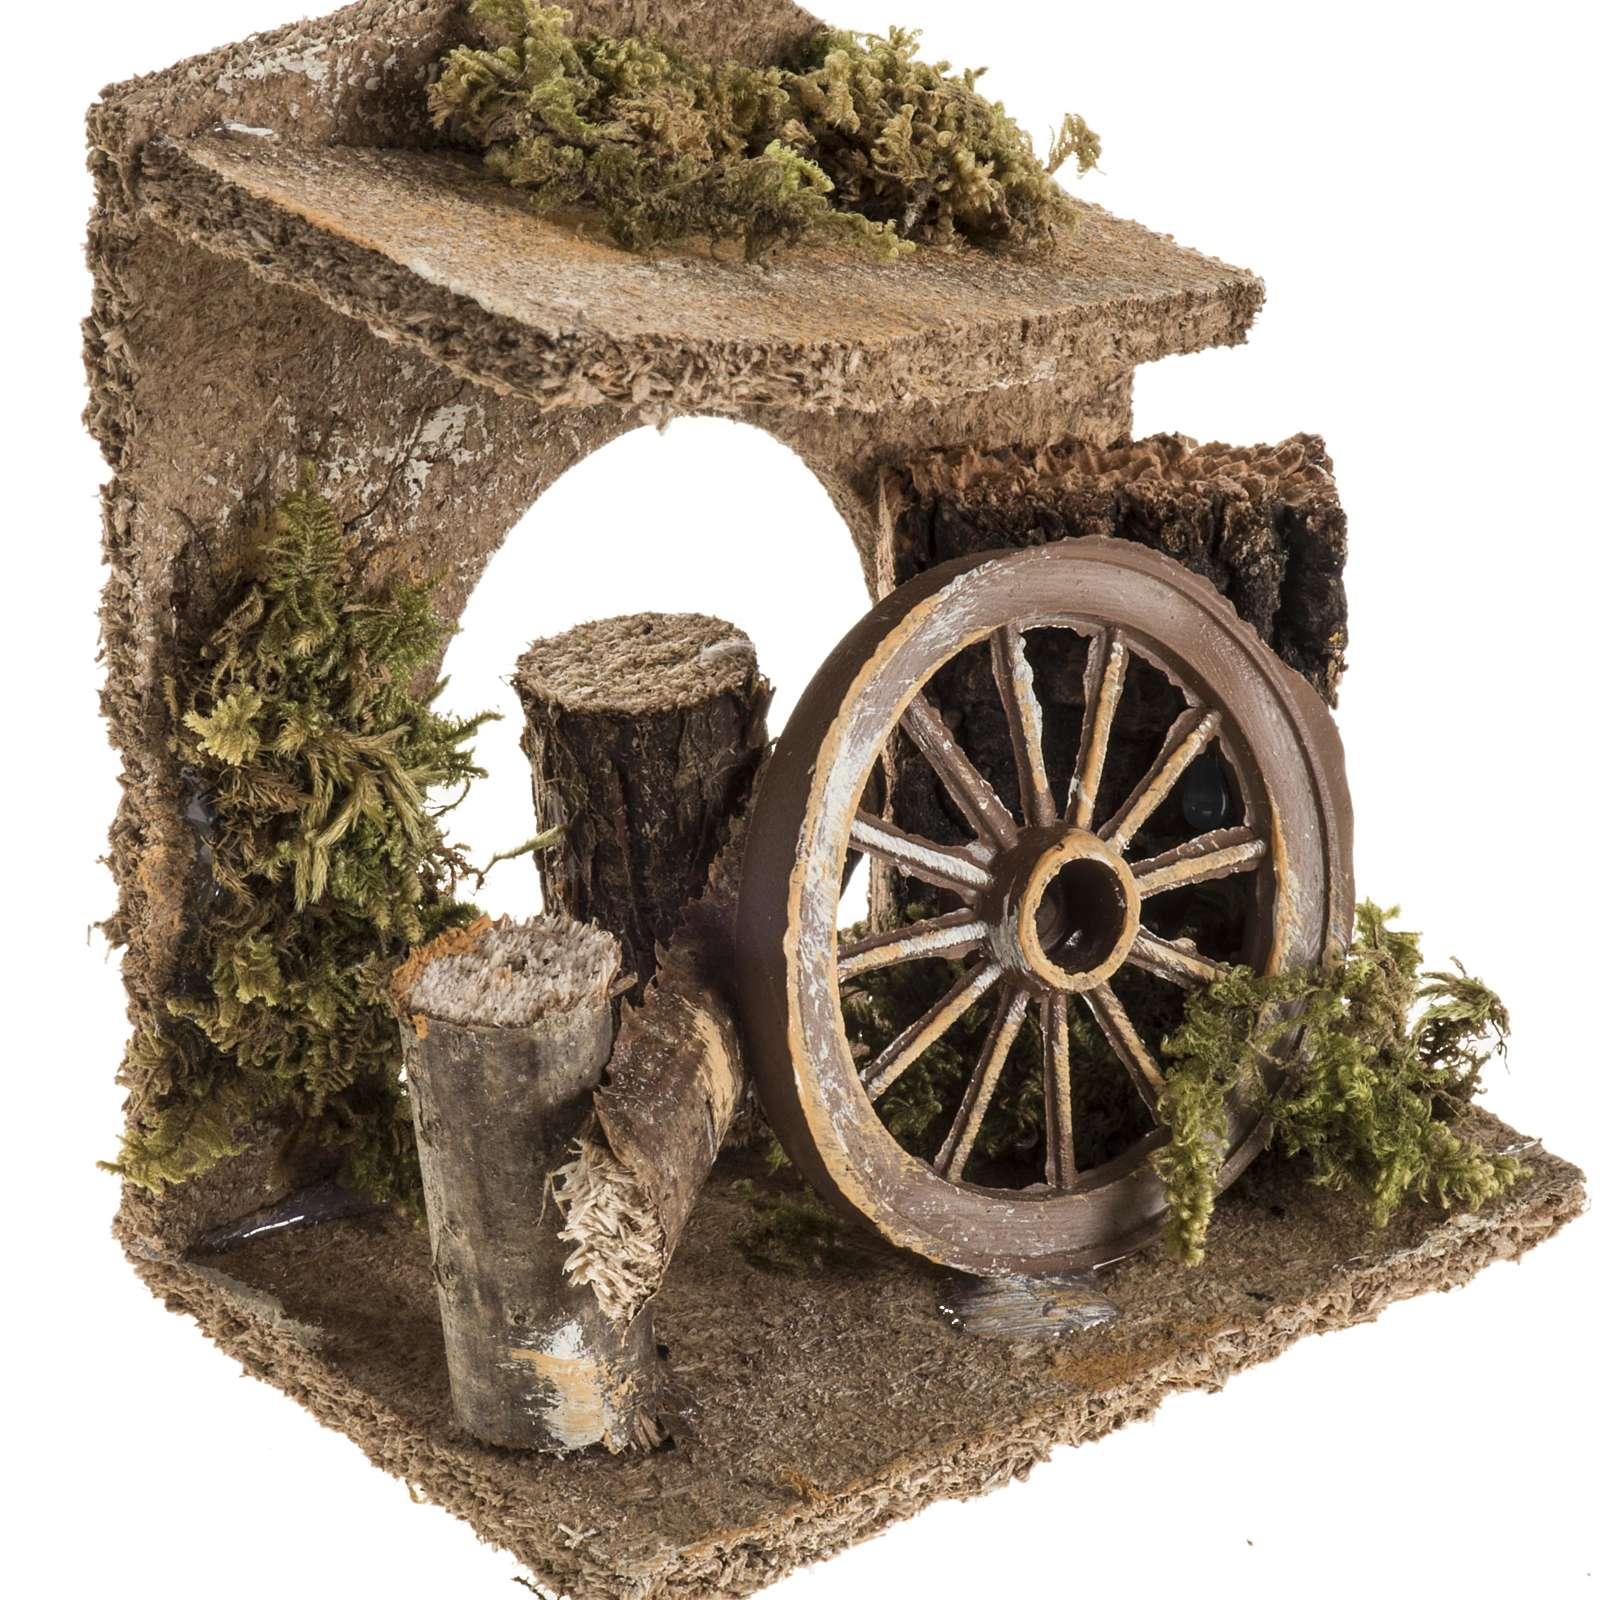 Ambientazione con ruota del carro presepe 4